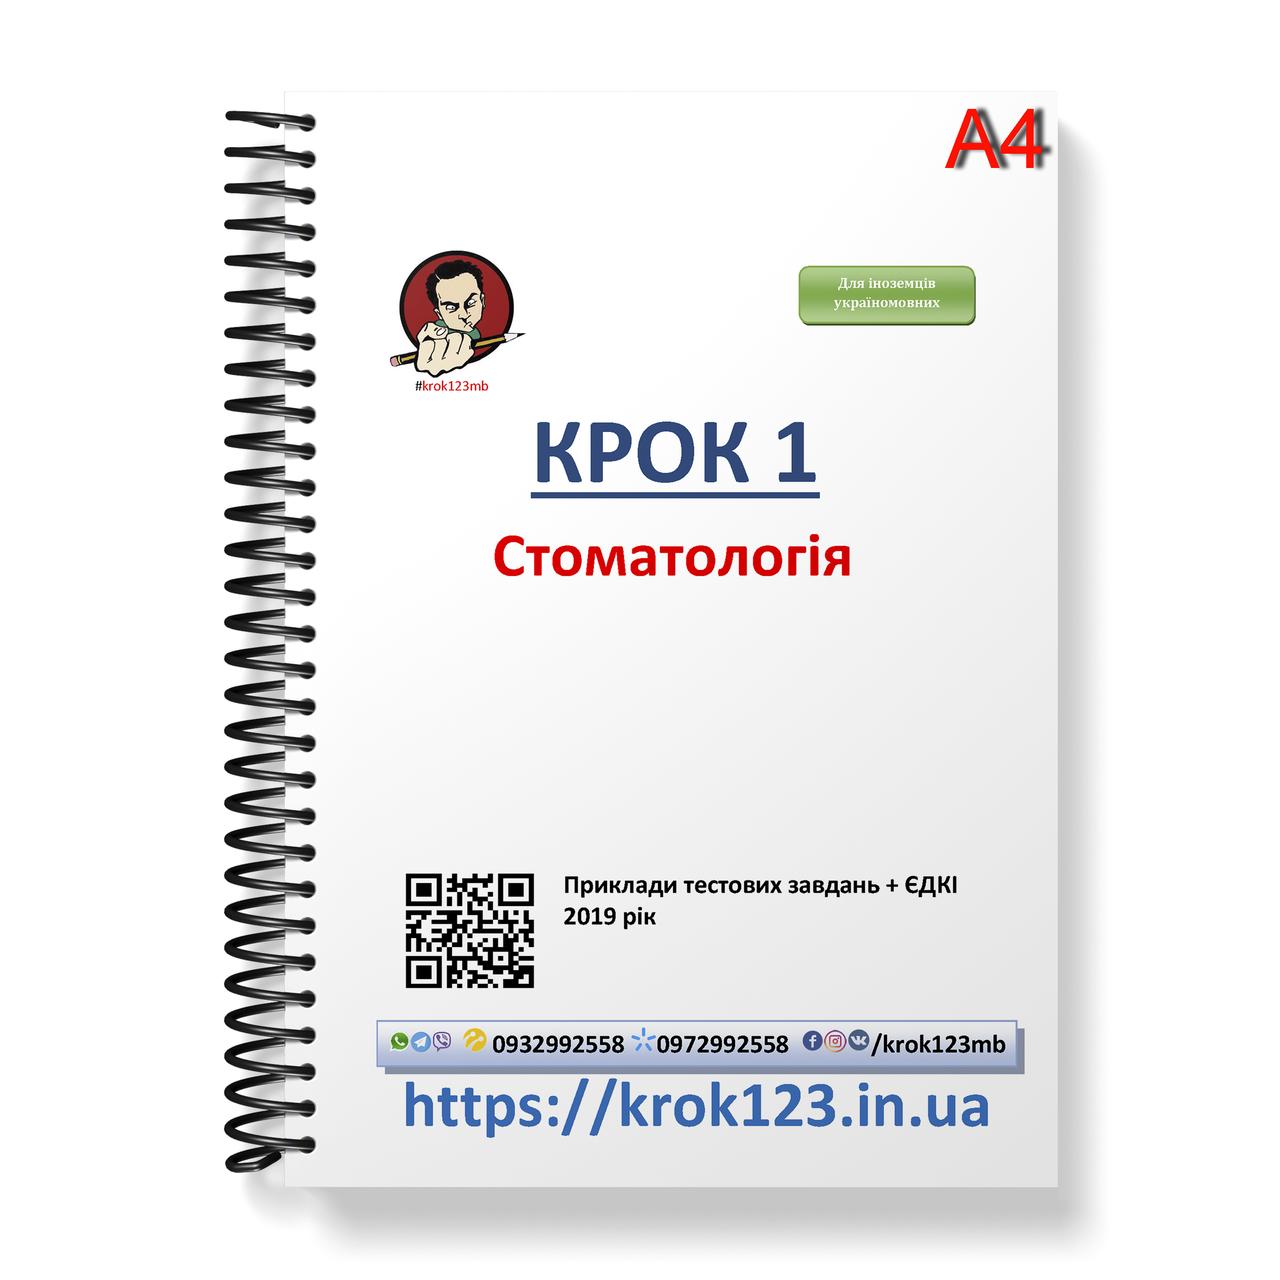 Крок 1. Стоматология. ЕГКЭ (Примеры тестовых заданий) 2019. Для иностранцев украиноязычных. Формат А4